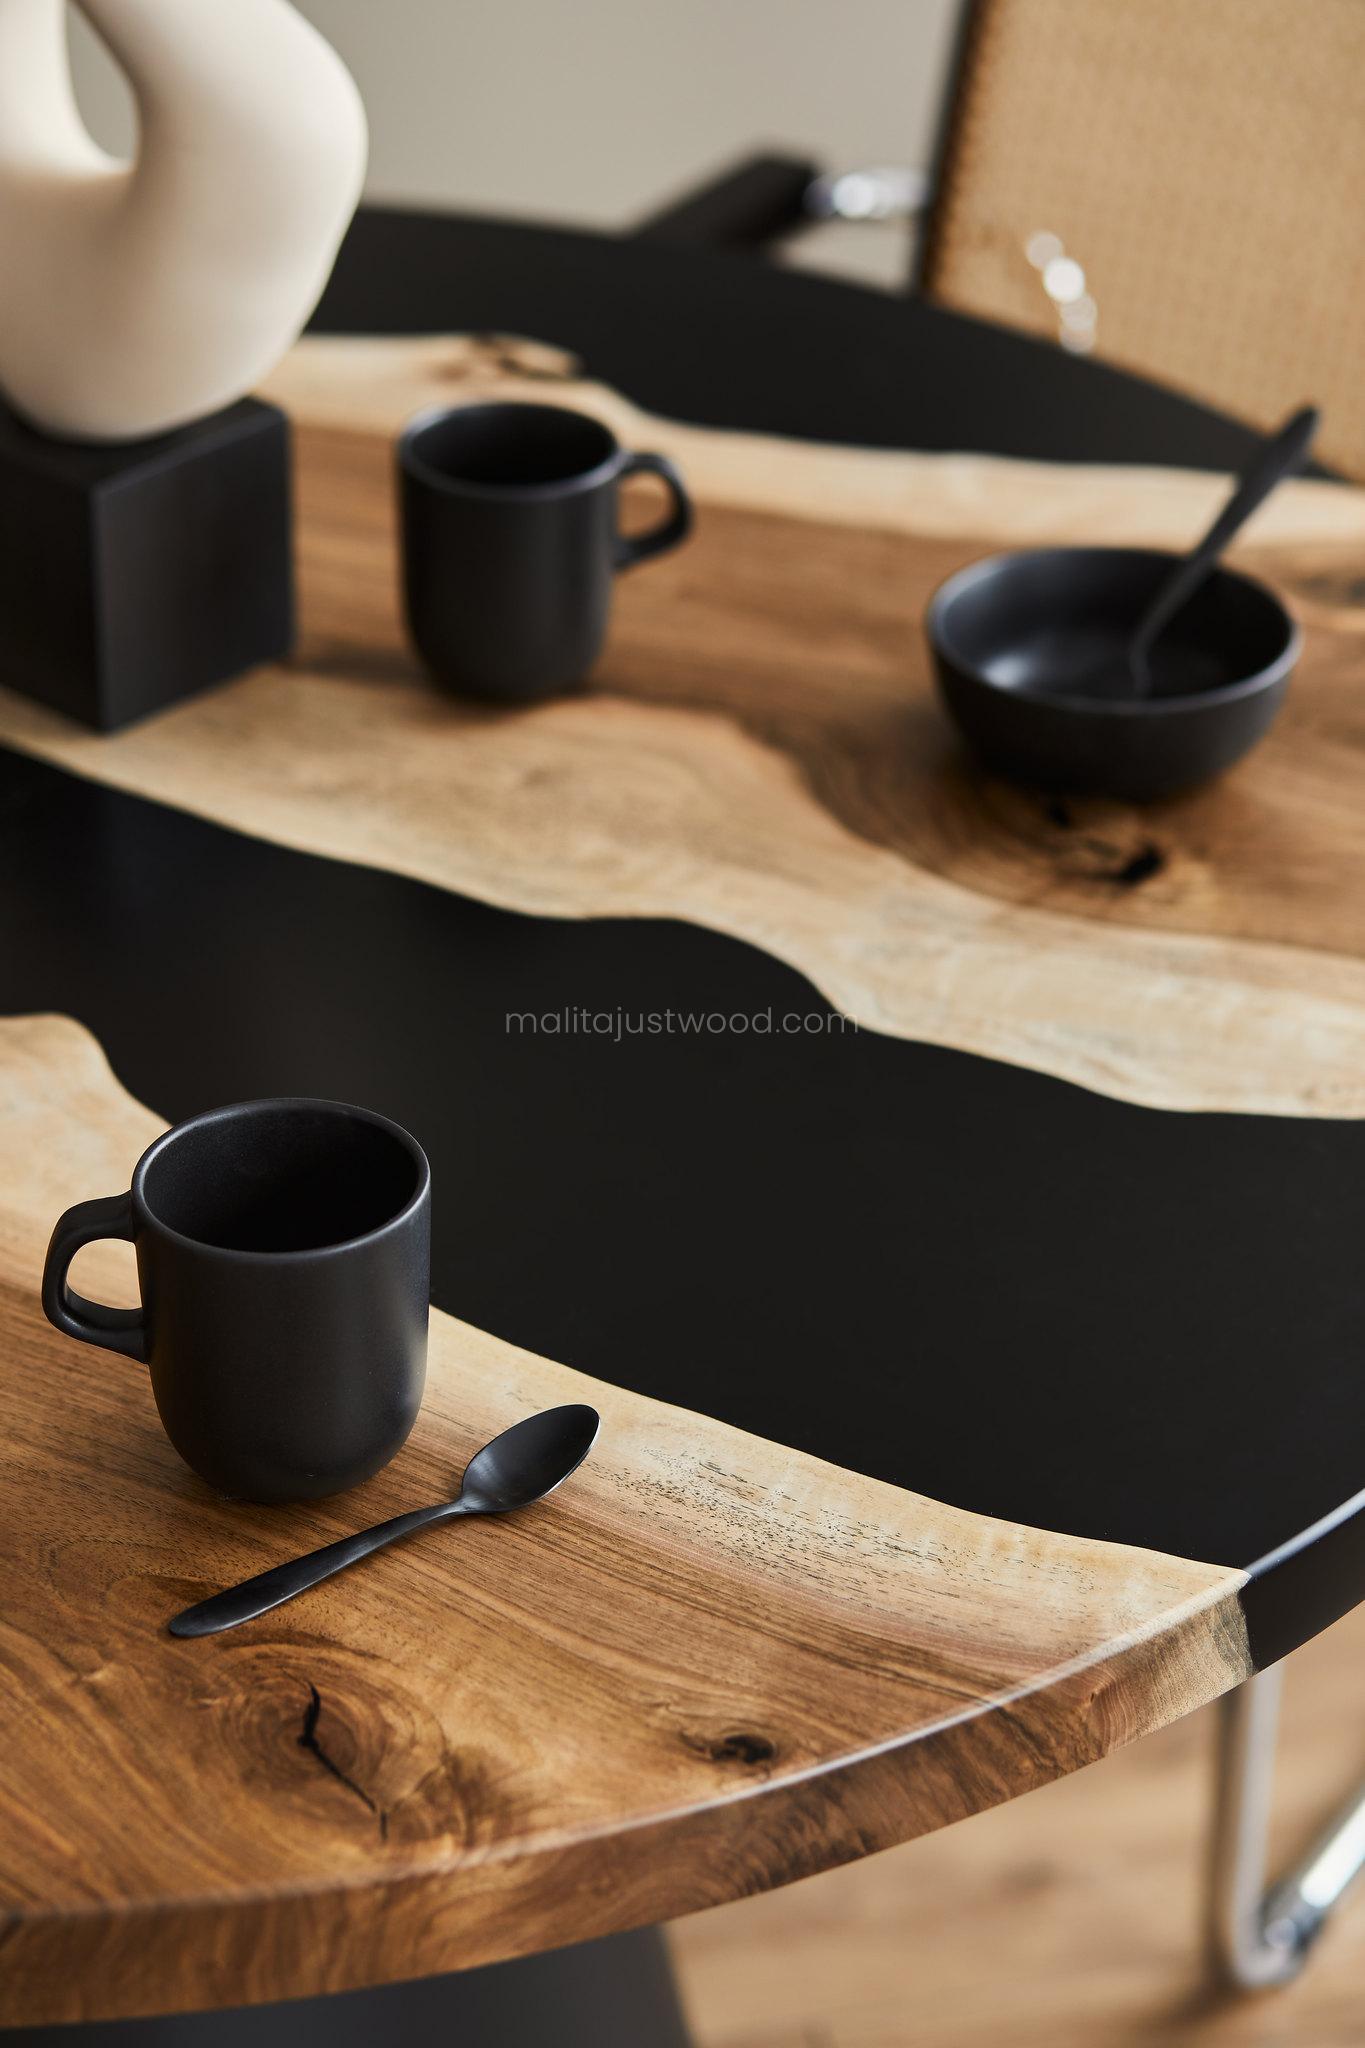 Blat stołu z deski orzecha i aksamitnie czarną żywicą